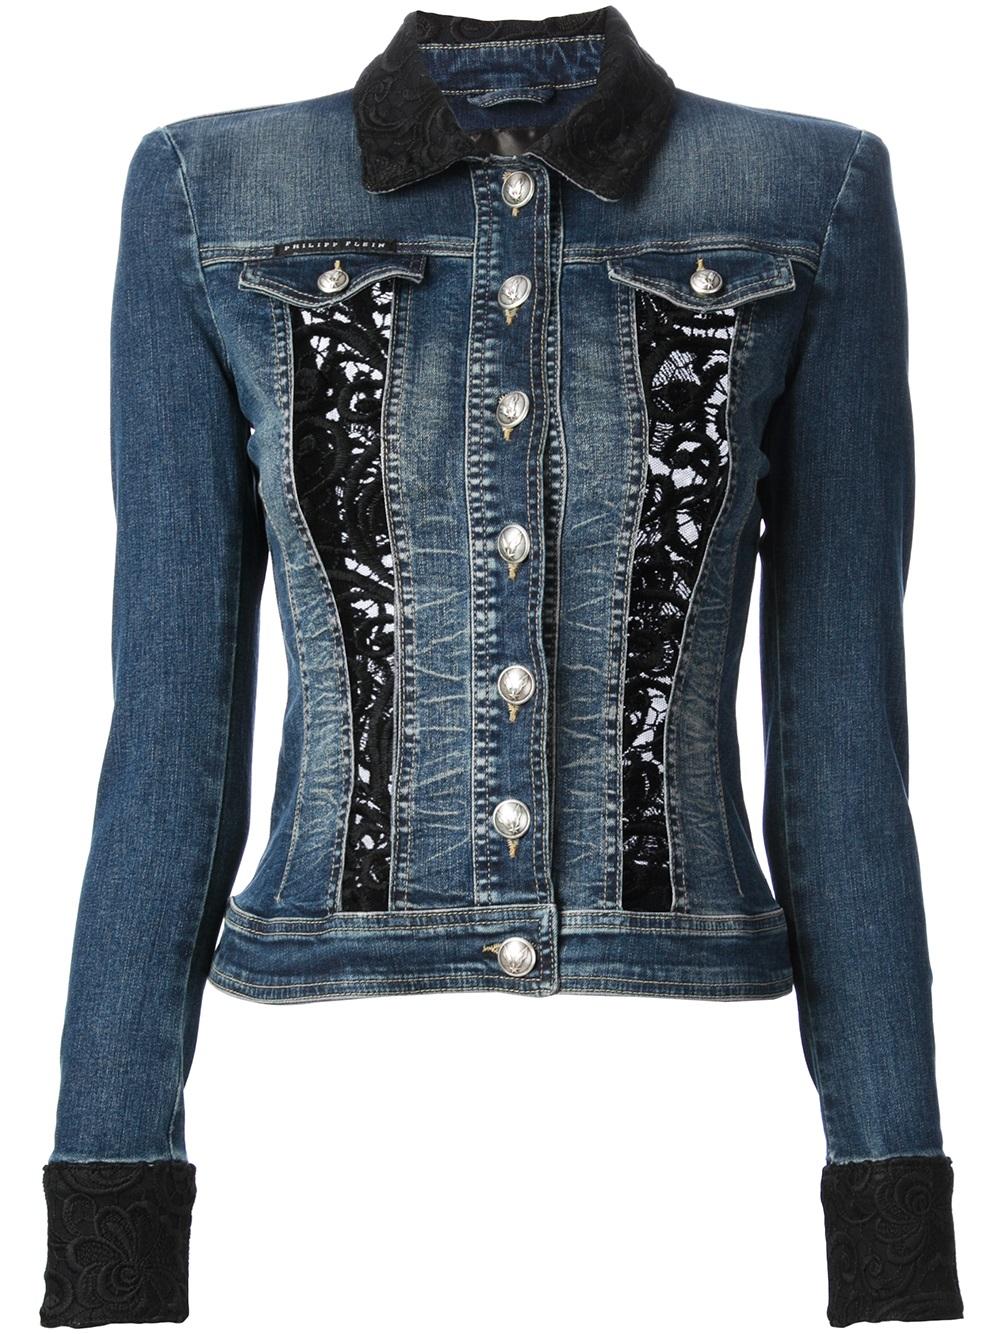 Lyst - Philipp Plein Lace Insert Denim Jacket In Blue-3486